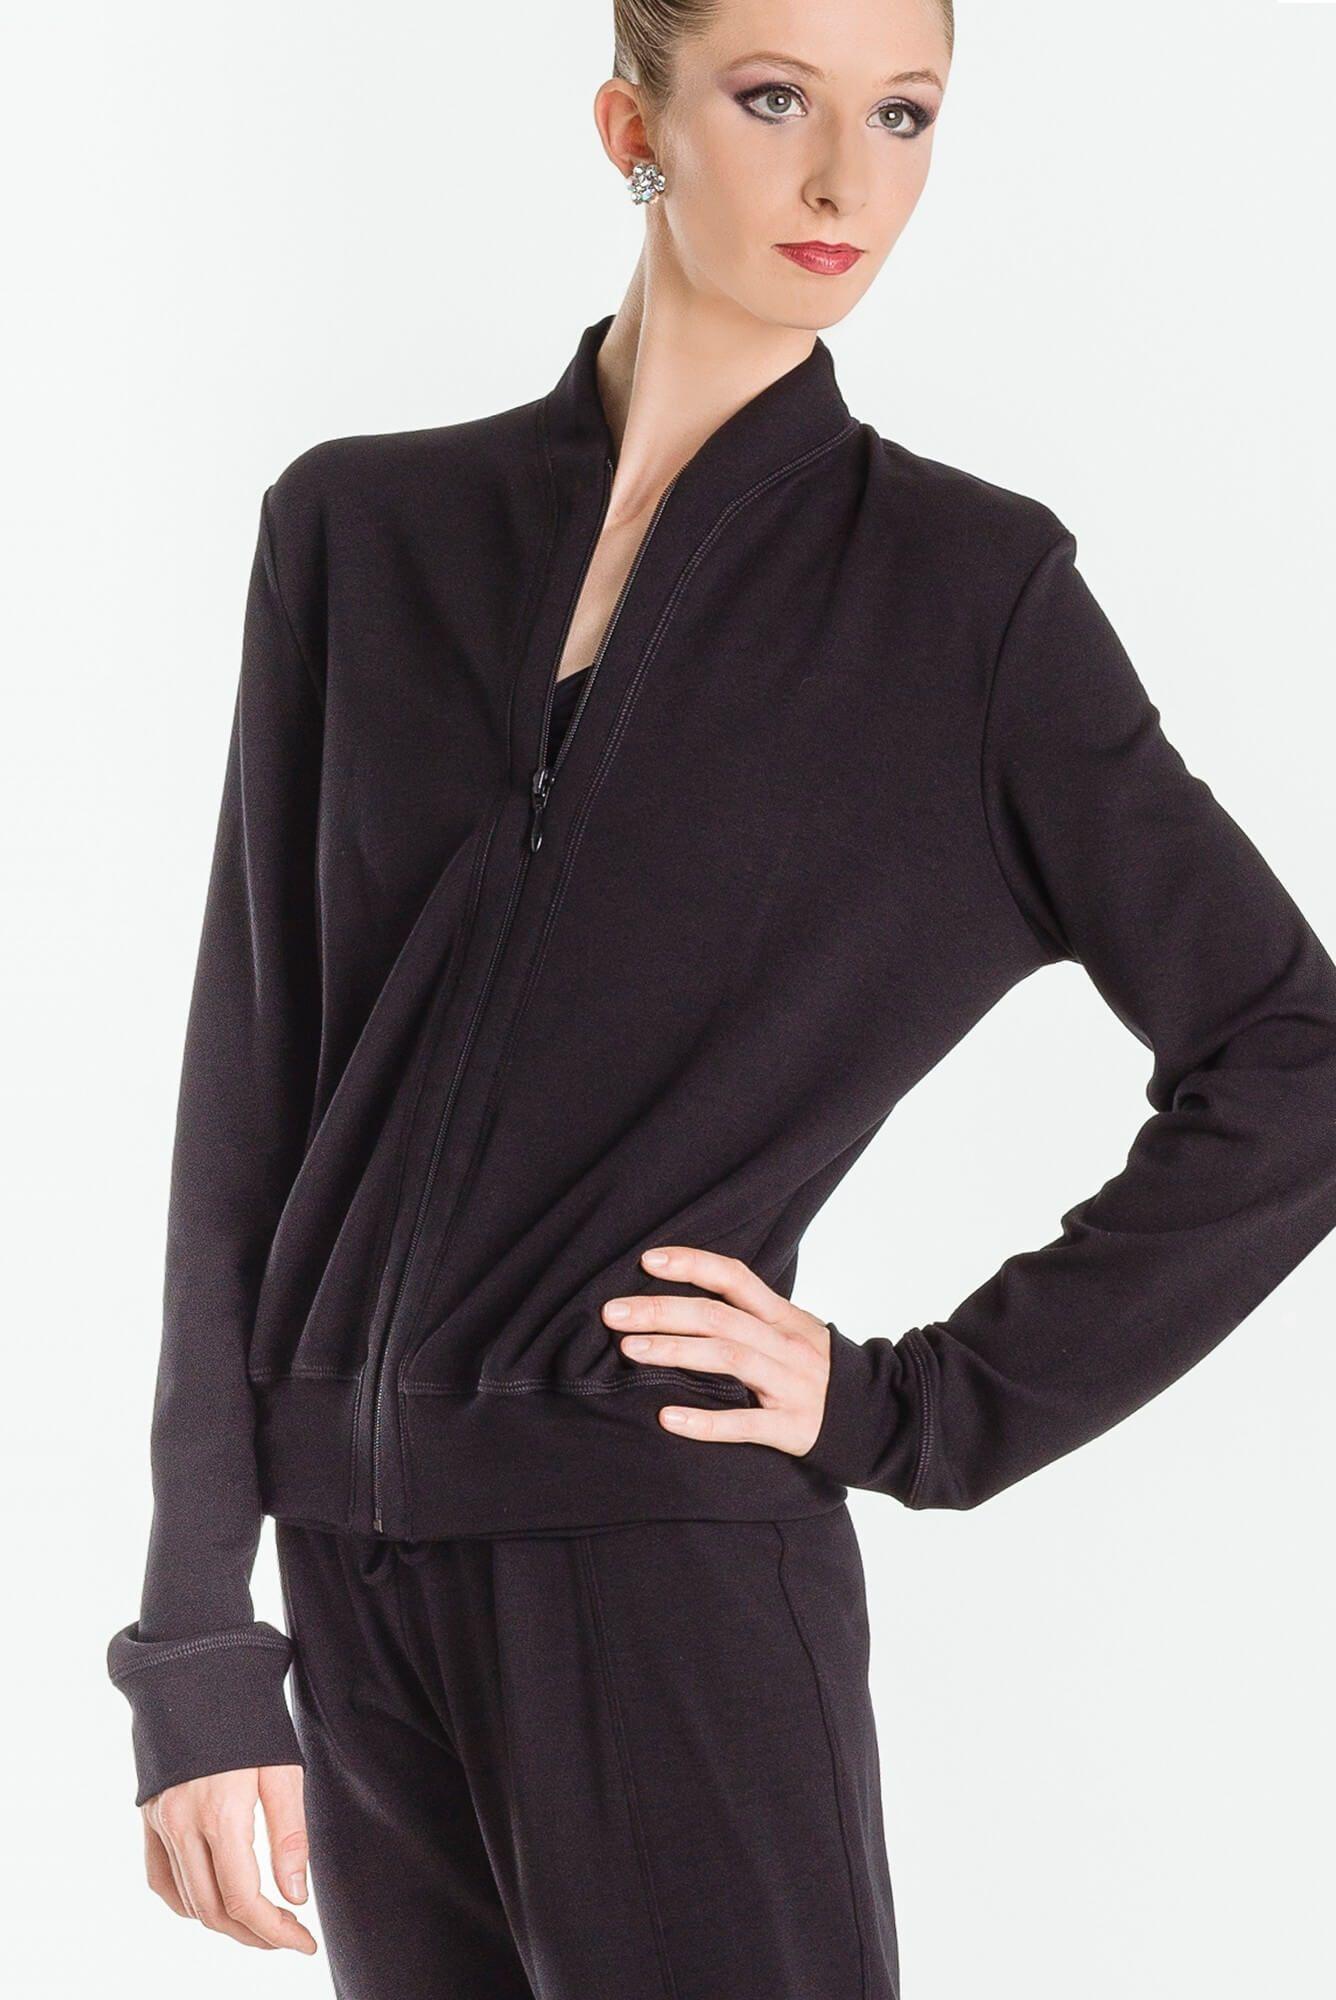 Veste de jogging zippé pour femme ILIADE bf8c16c4781